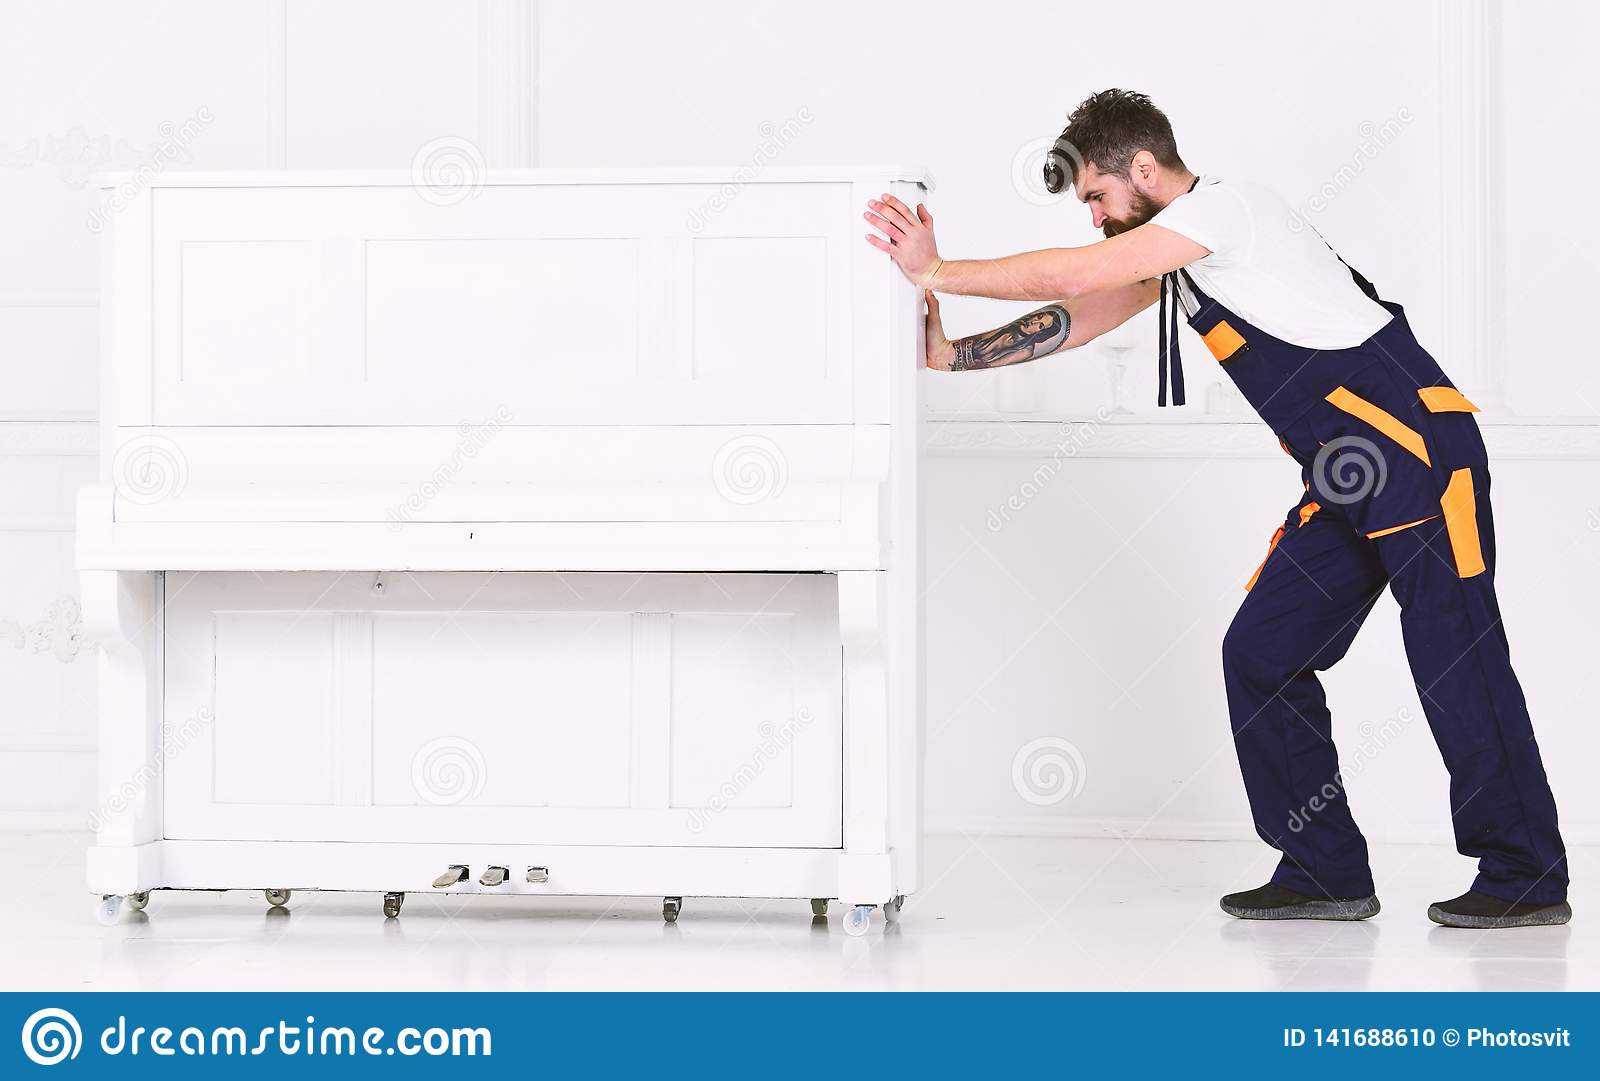 Το άτομο με τη γενειάδα και mustache, εργαζόμενος στις φόρμες ωθεί το πιάνο, το άσπρο υπόβαθρο Ο αγγελιαφόρος παραδίδει τα έπιπλα